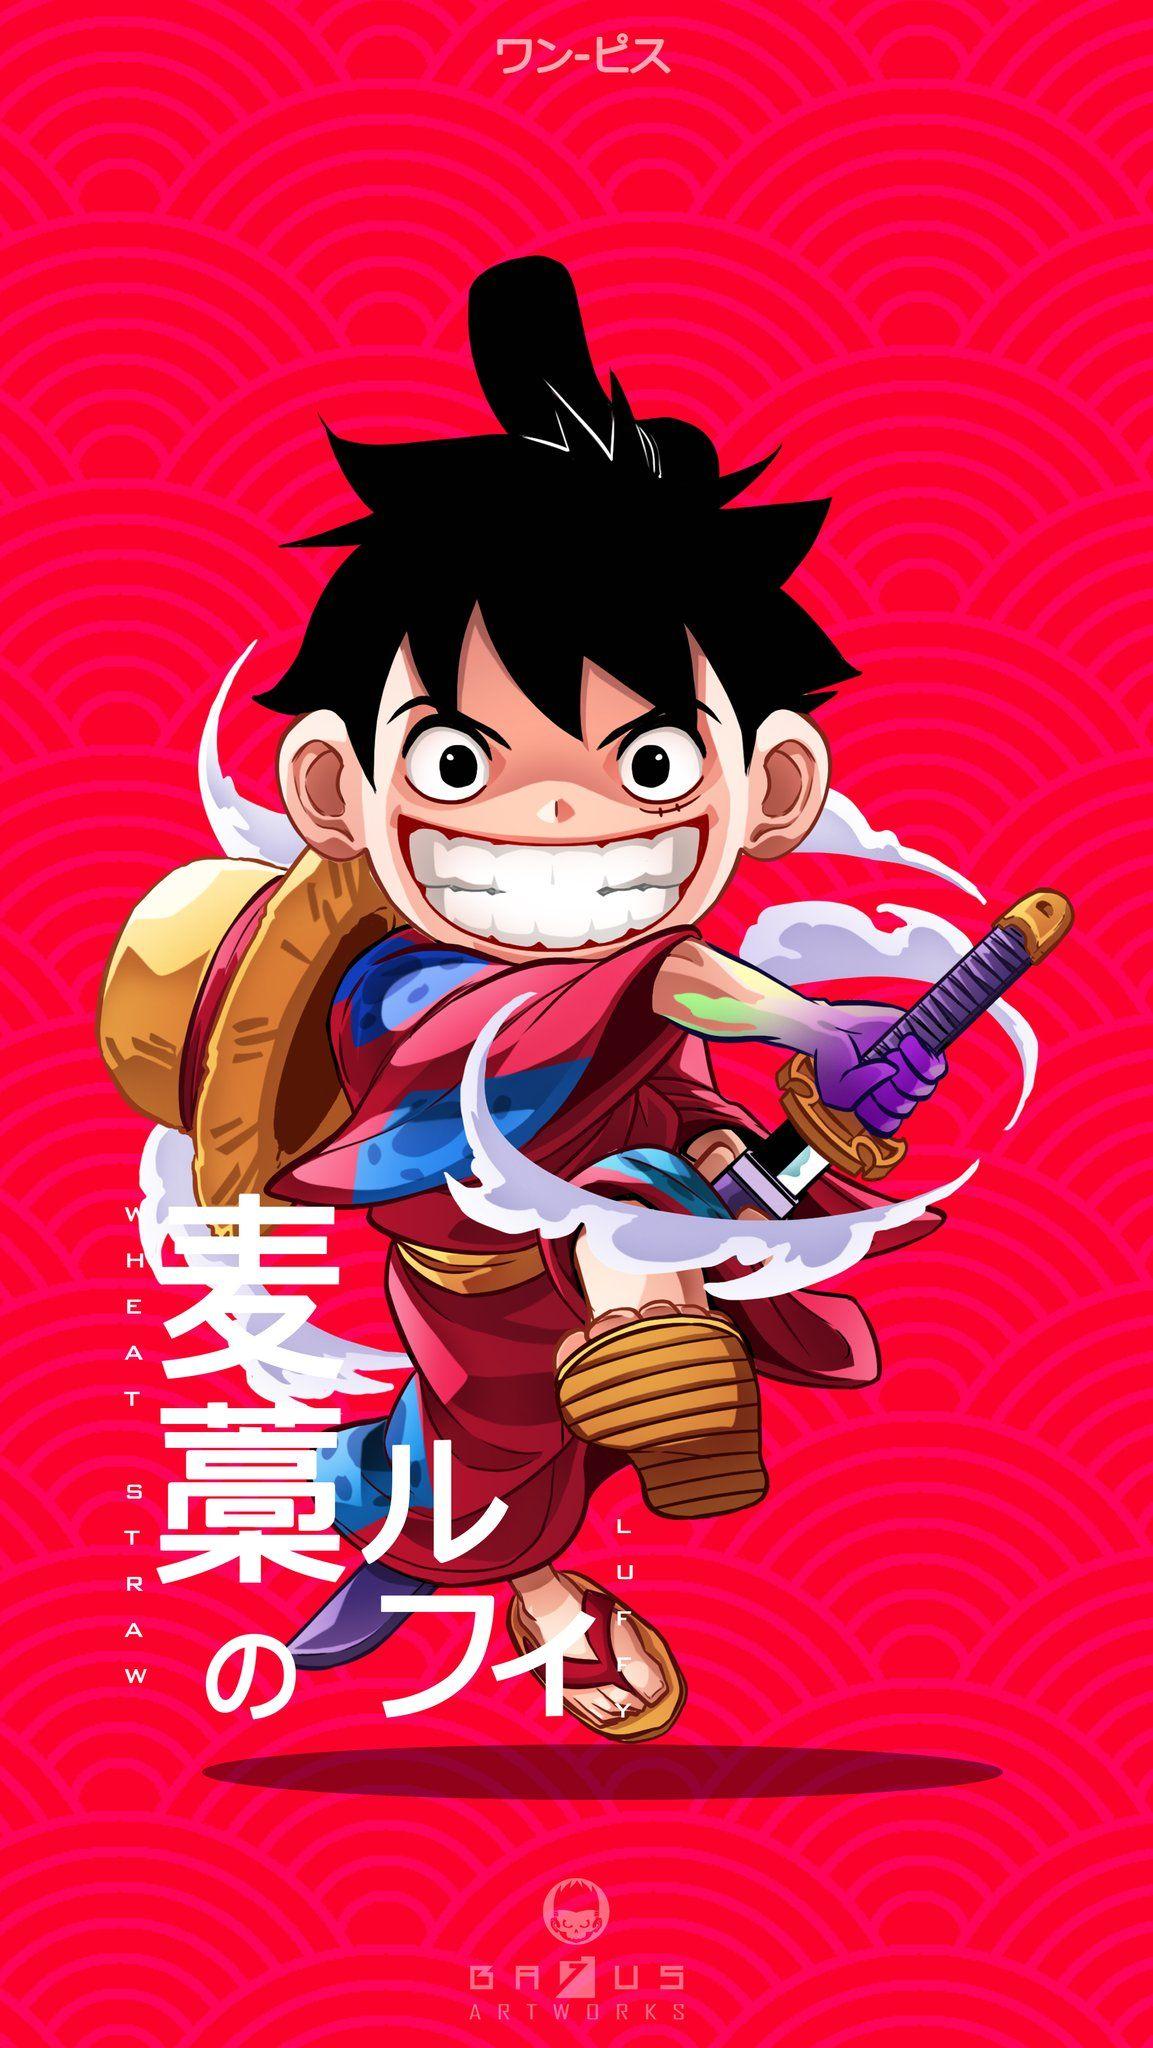 Monkey D Luffy By Bathara24 การ ต น ต วละครจากการ ต น ศ ลปะคาแรคเตอร